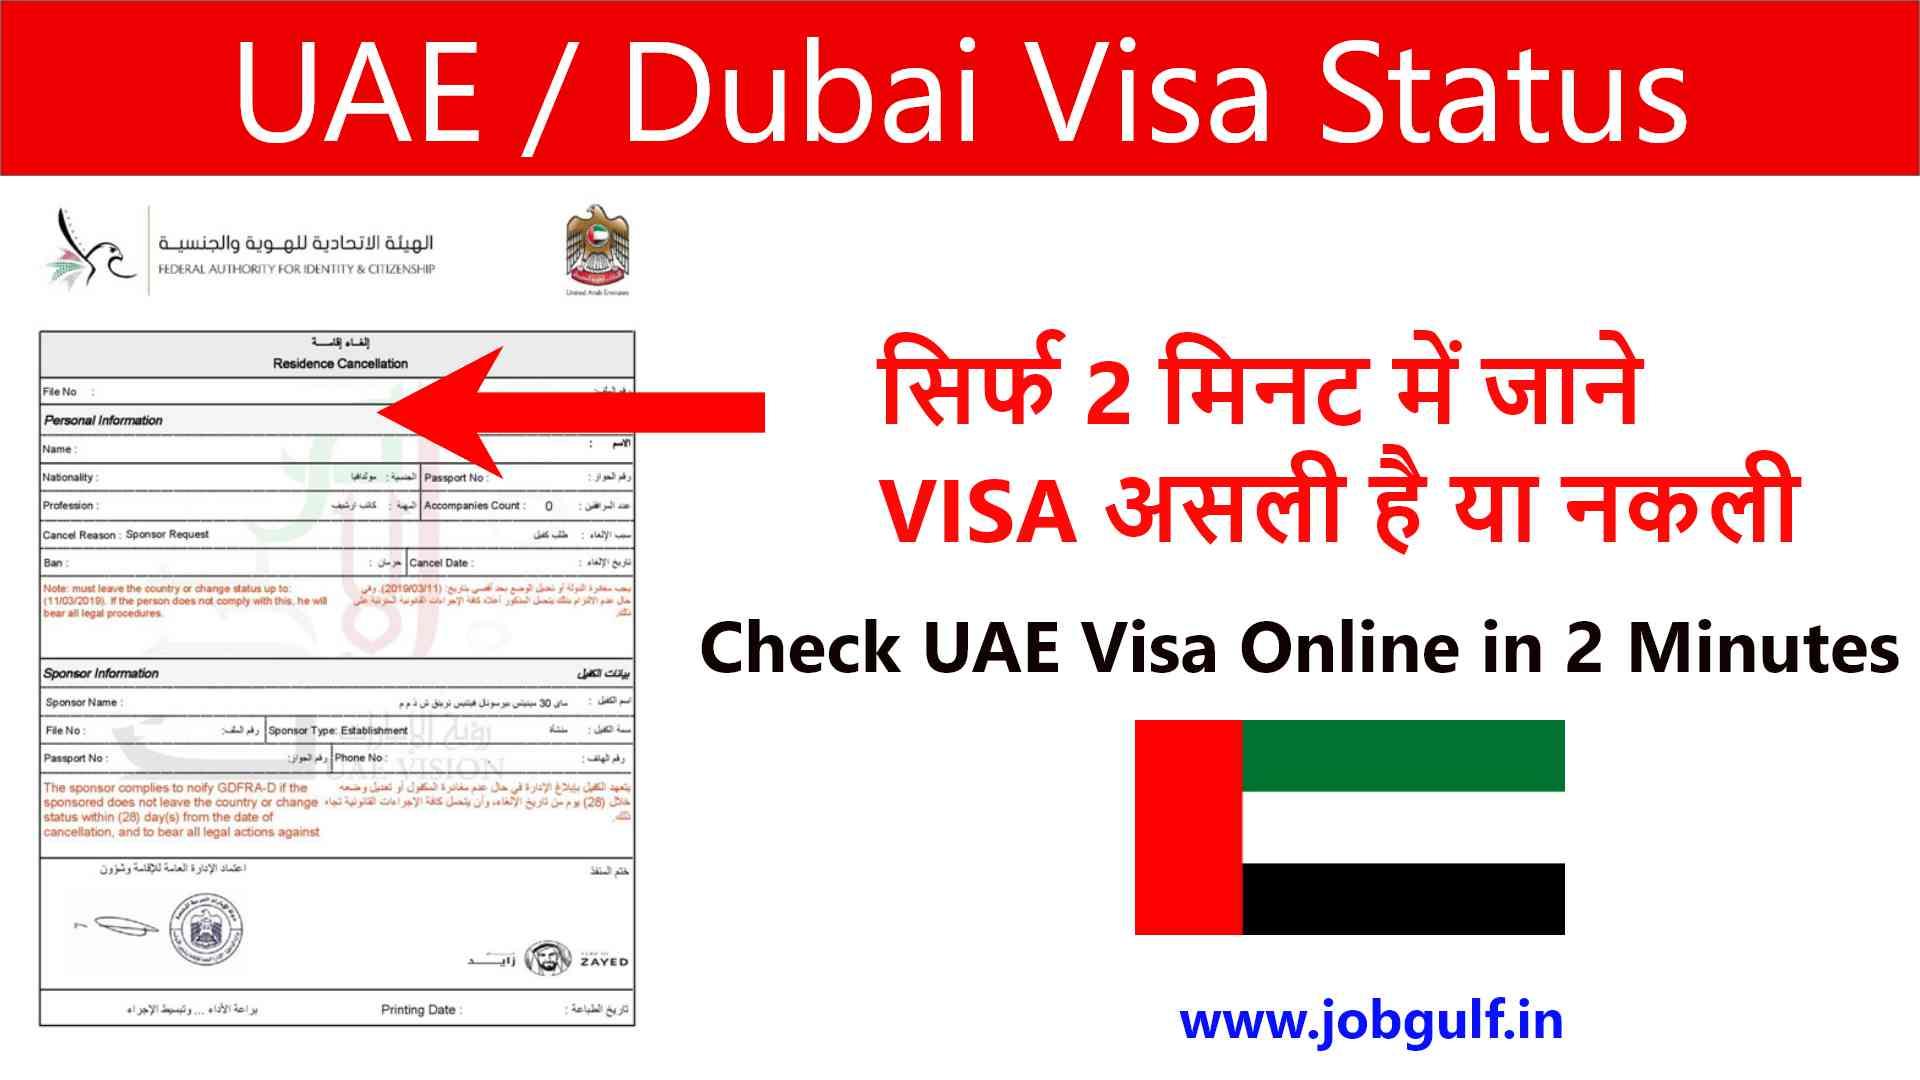 How to check visa status in UAE | Check UAE visa online